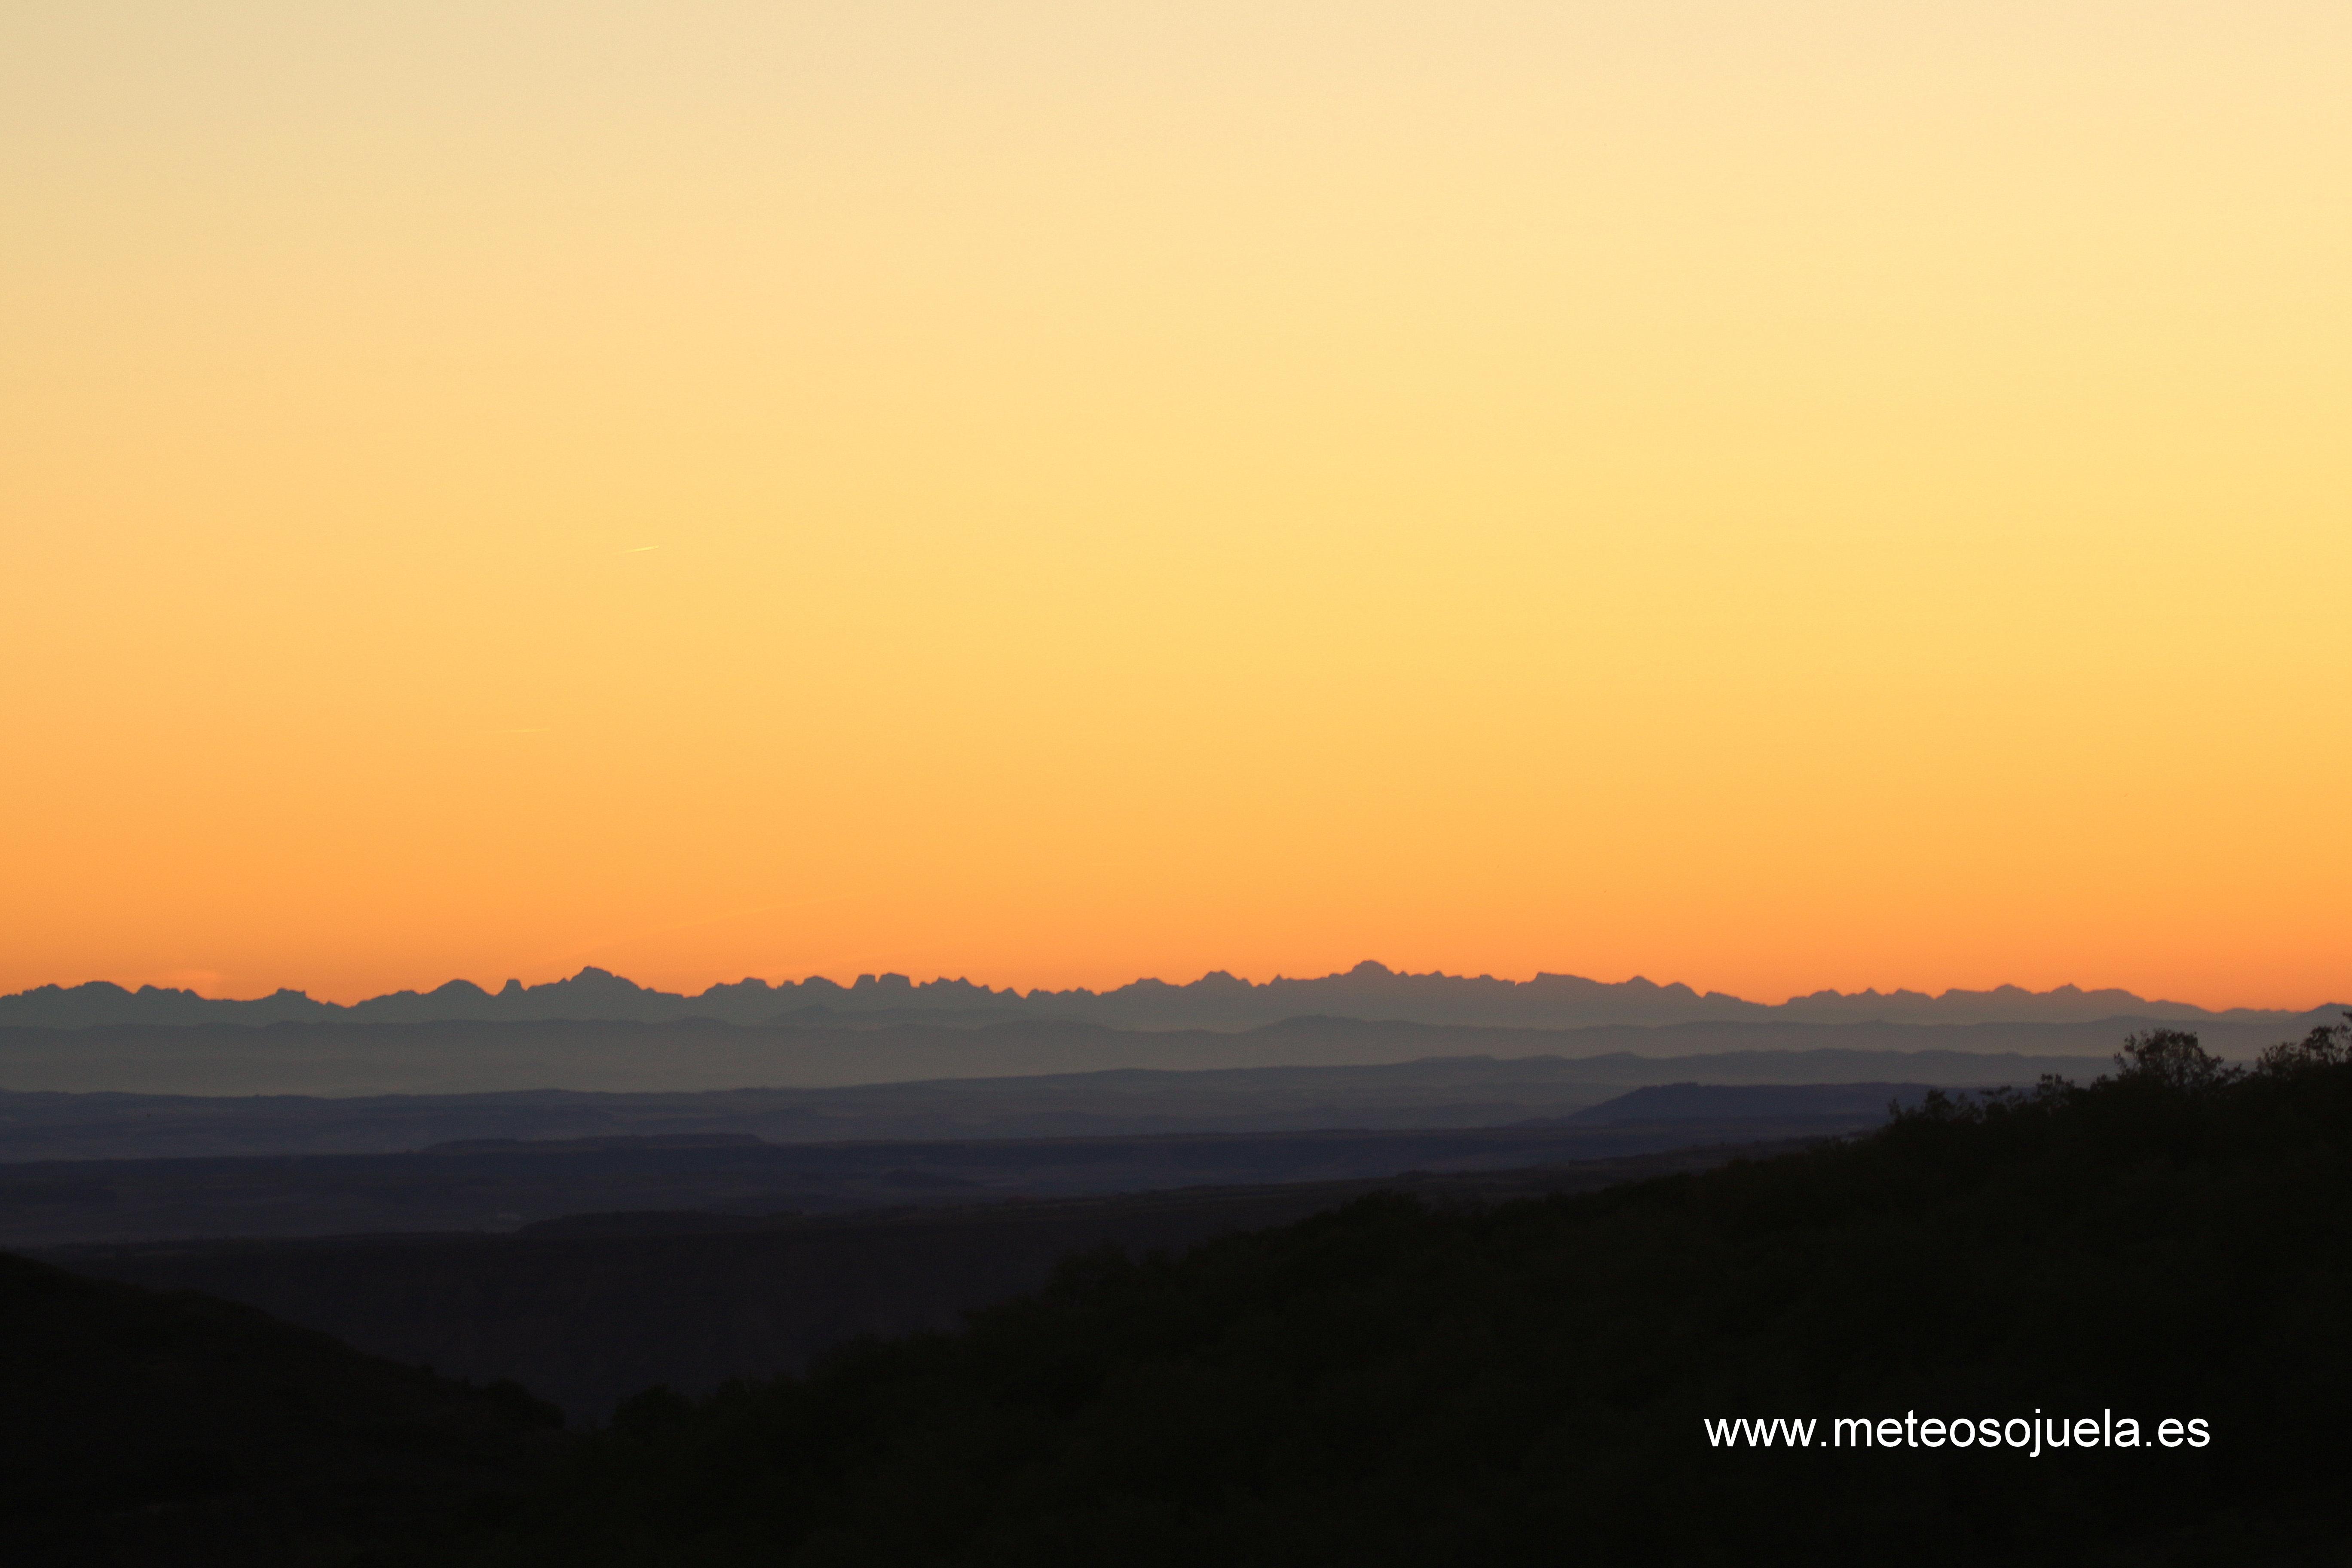 Pirineos,josecalvo, meteosojuelaIMG_9832con